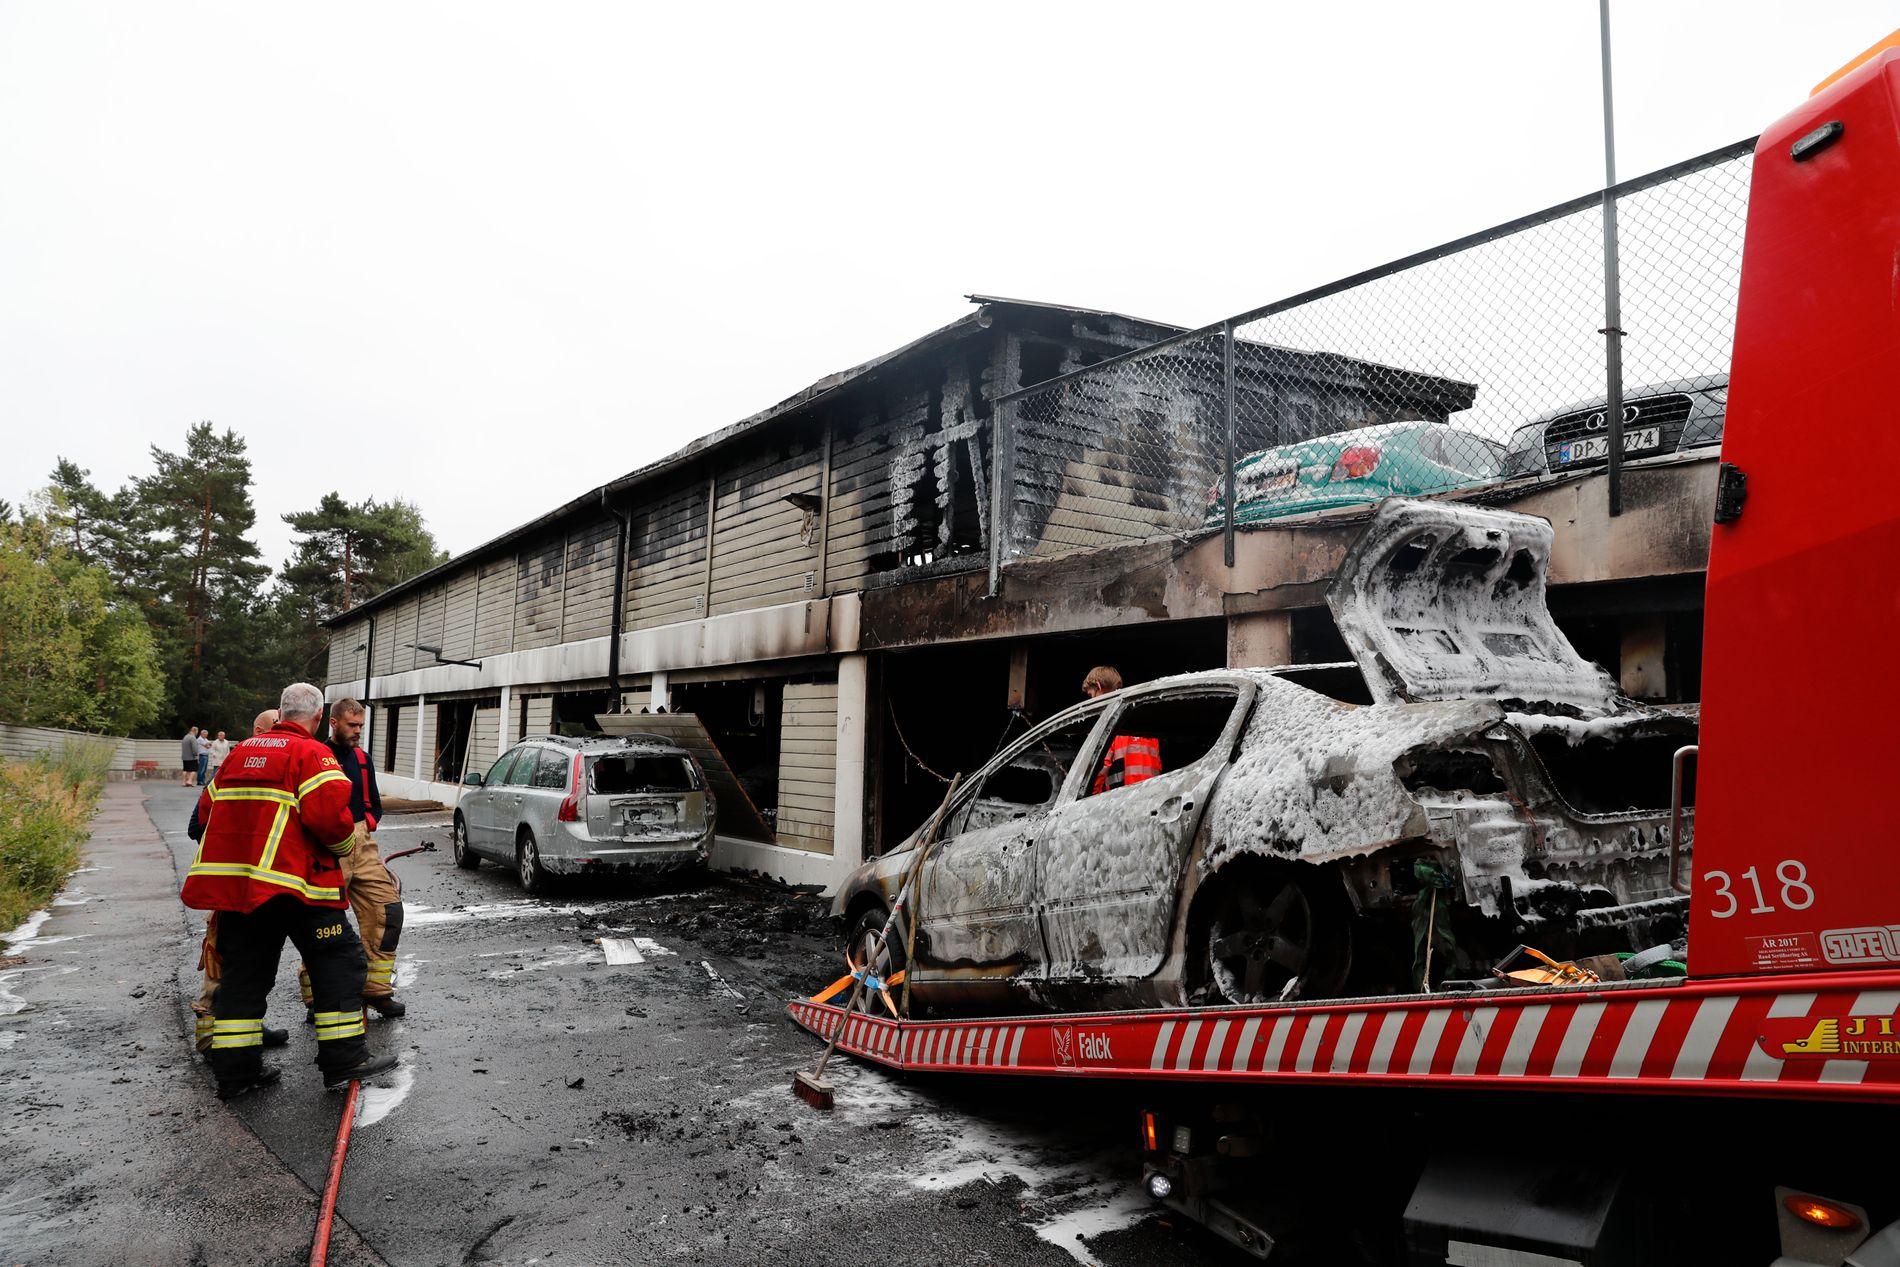 STORE SKADER:  Politiet har tauet inn en av bilene for videre undersøkelser etter brannen i et garasjeanlegg i Åslandhellinga i Oslo natt til lørdag.